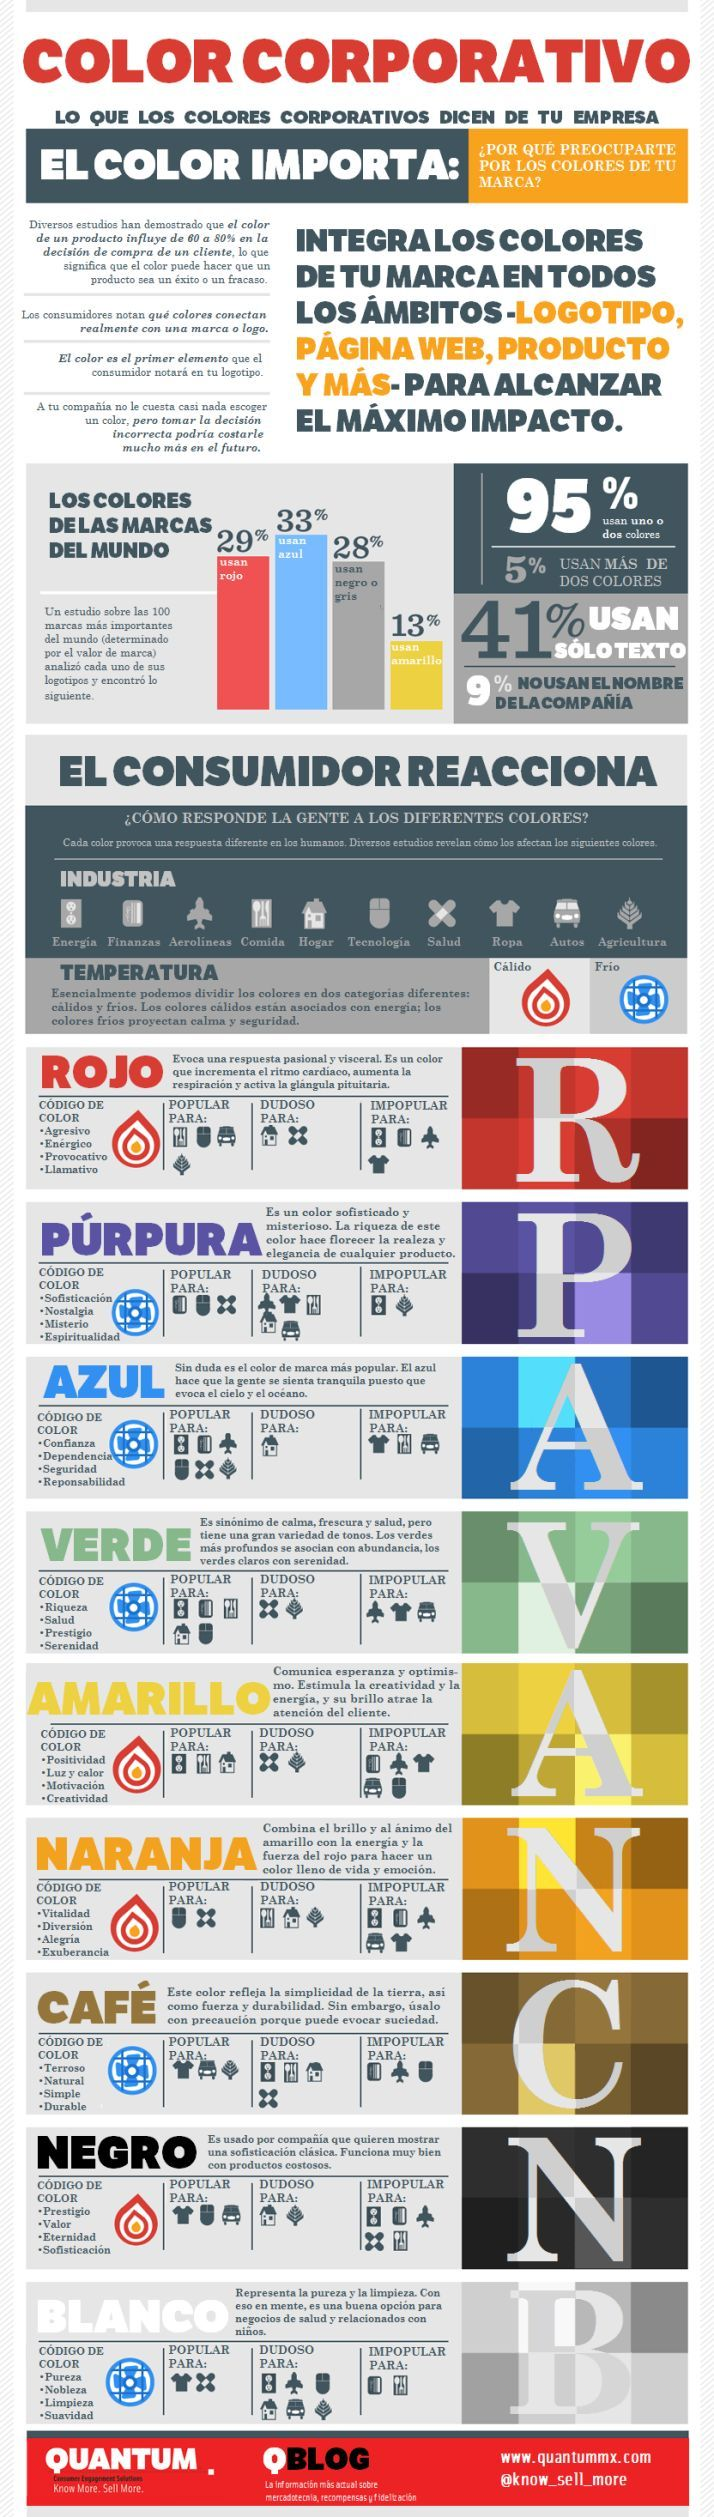 El Color Importa. A la hora de elegir el color para tu empresa, échale un vistazo a esta guía sobre que significado tiene cada color para elegir el que más se adapte a tu servicio o producto. || #infografías